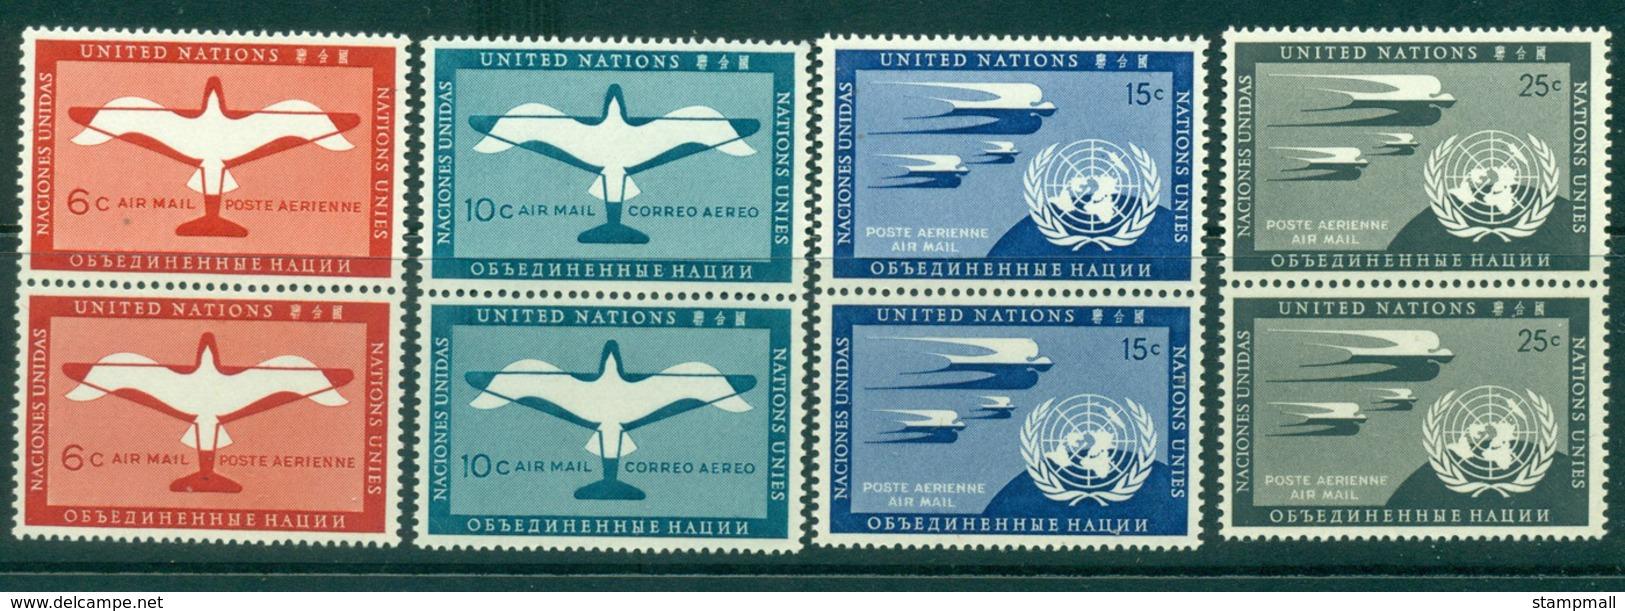 UN New York 1951 Air Mail Pairs MUH Lot40853 - Ungebraucht